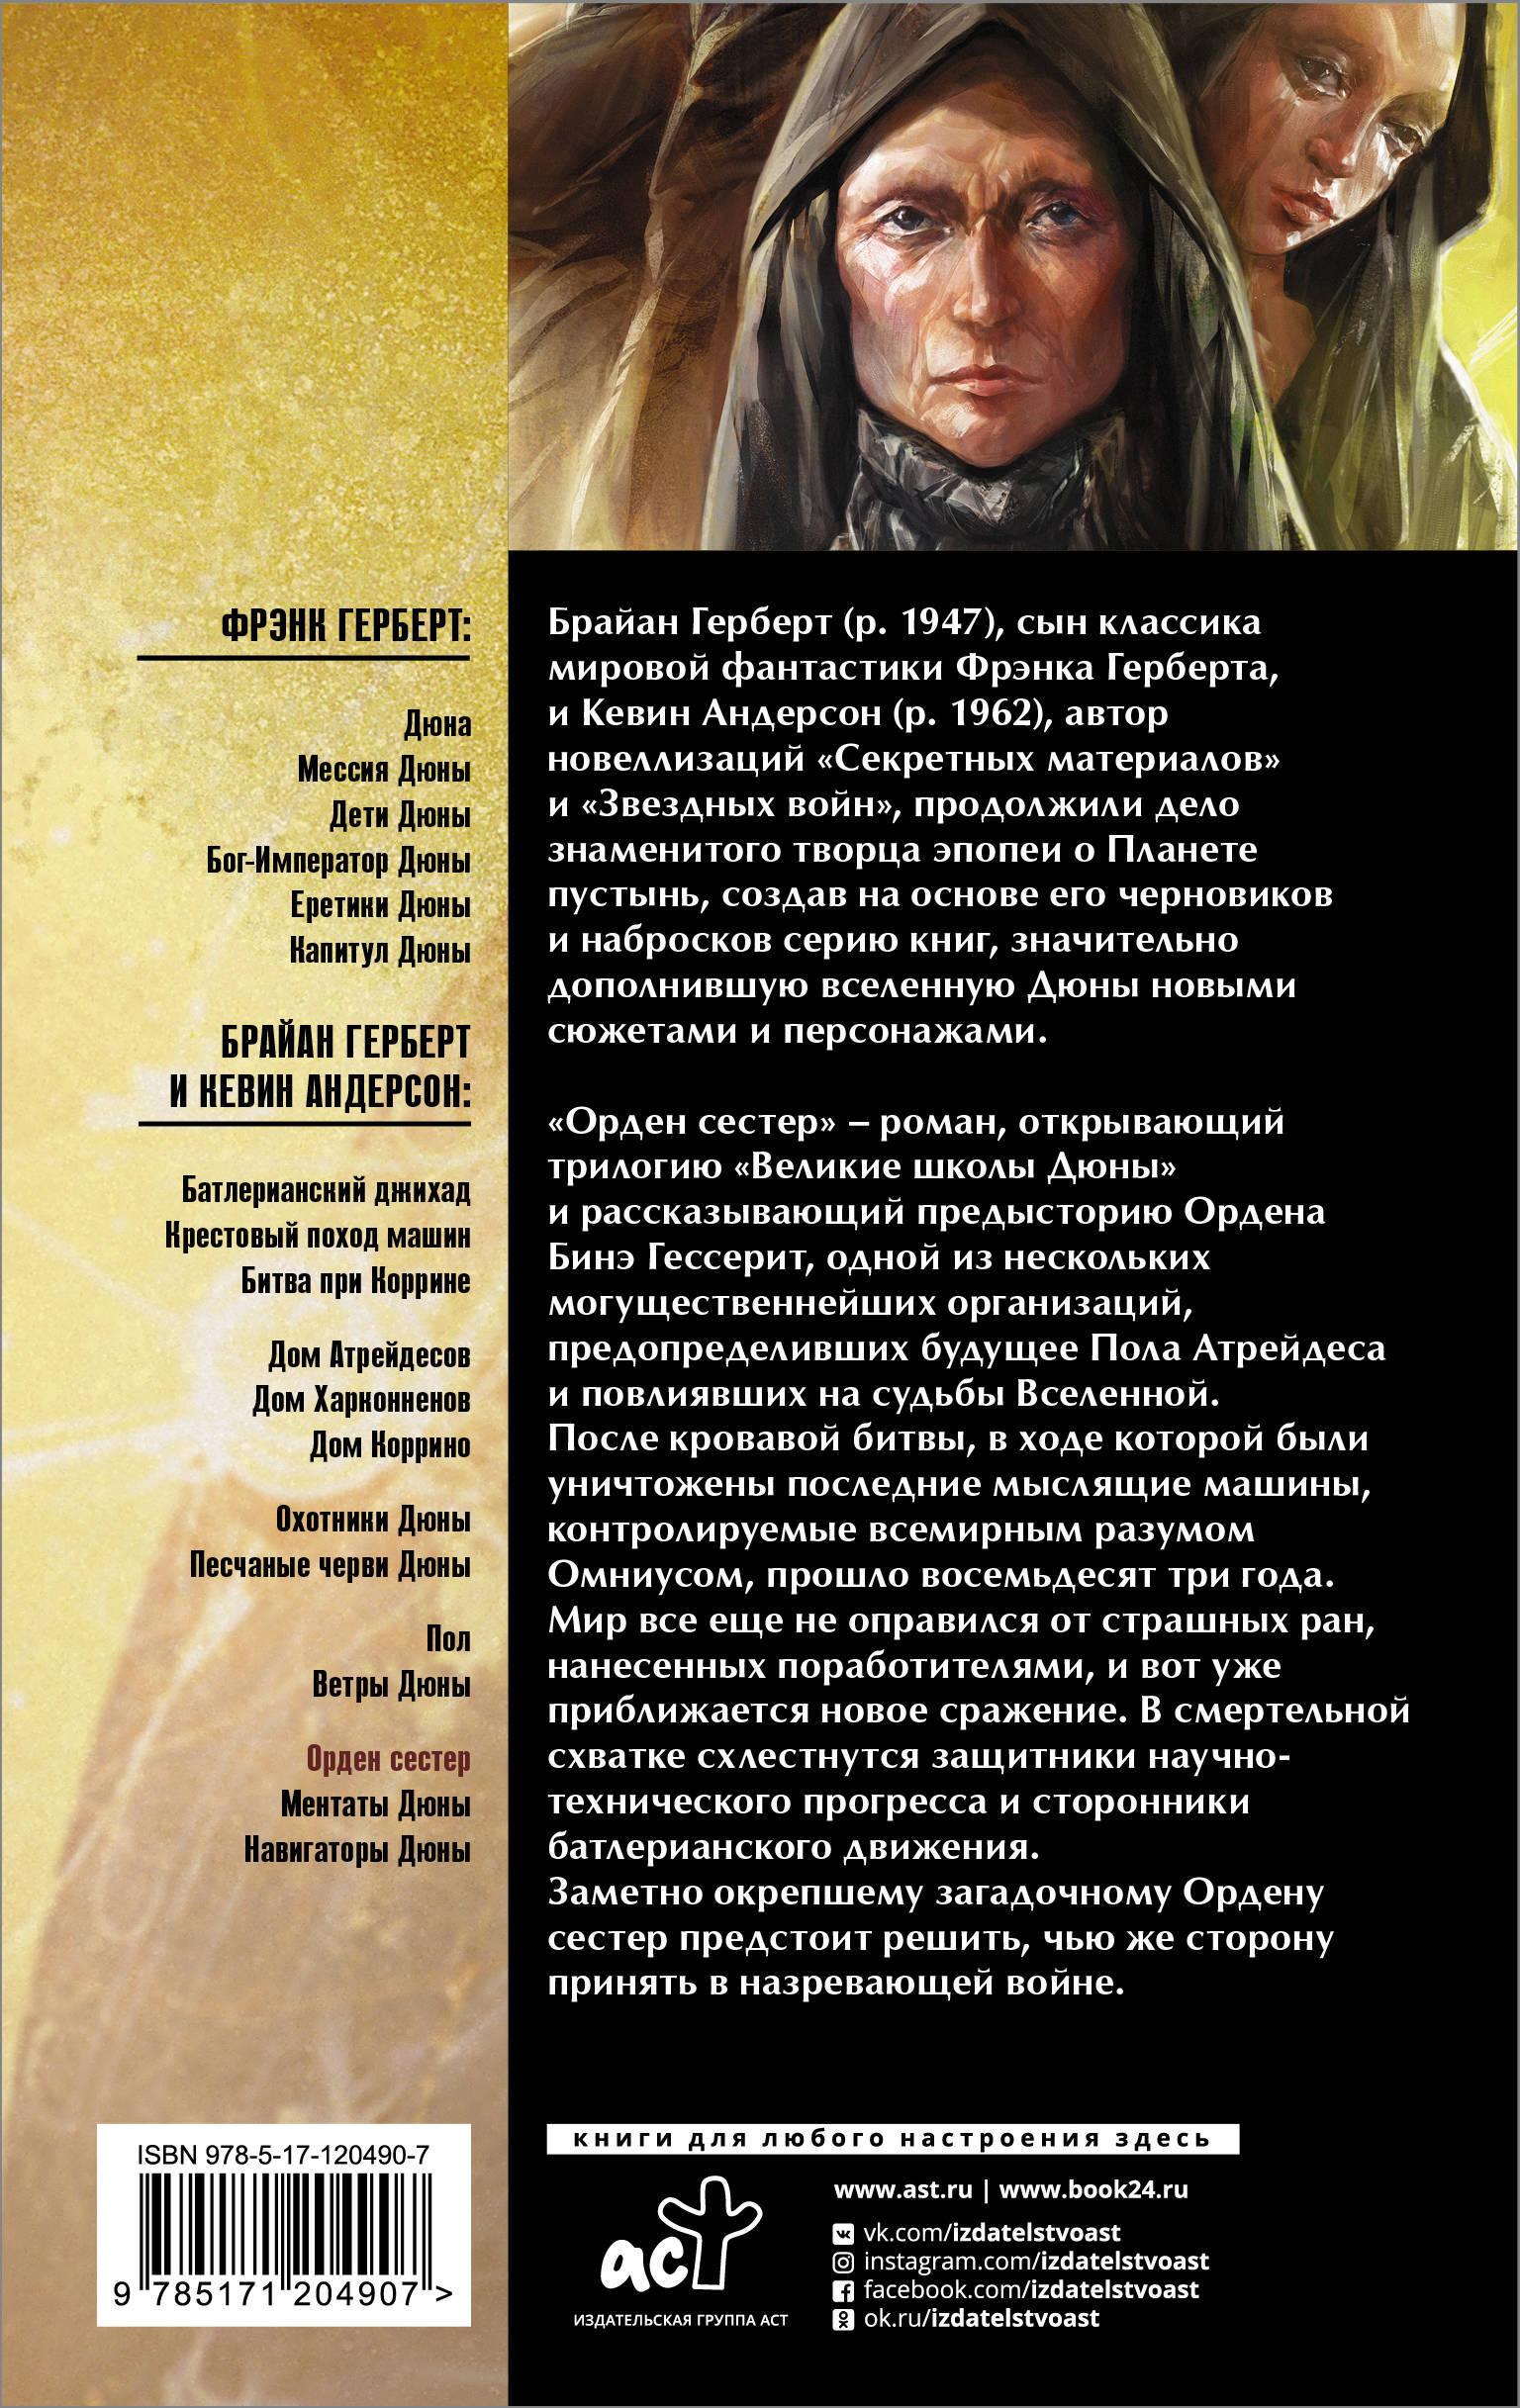 Герберт Брайан, Андерсон Кевин. Дюна: Орден сестер   Герберт Брайан, Андерсон Кевин